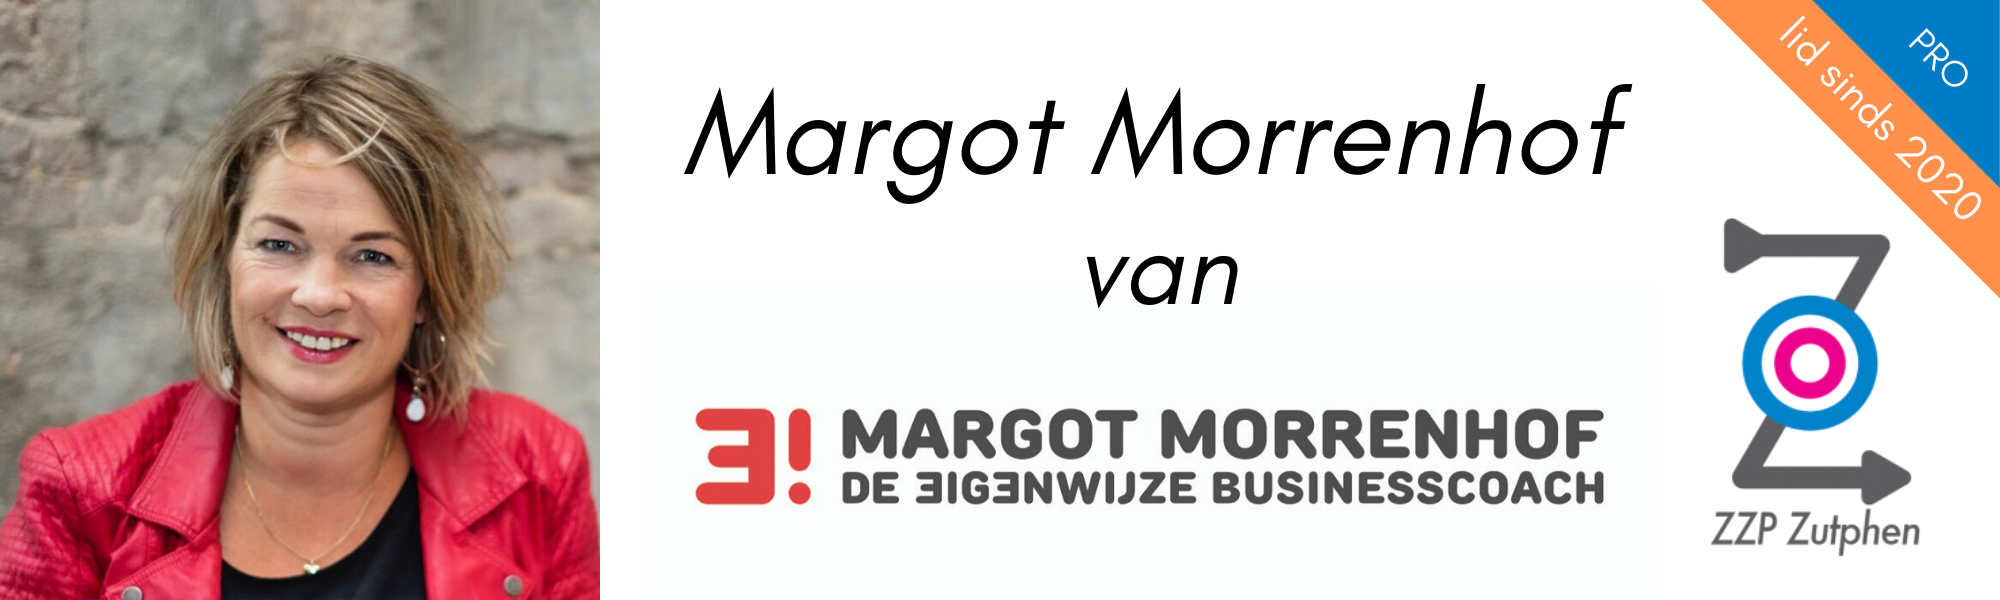 margot-morrenhof-businesscoach-deventer-zzp-zutphen